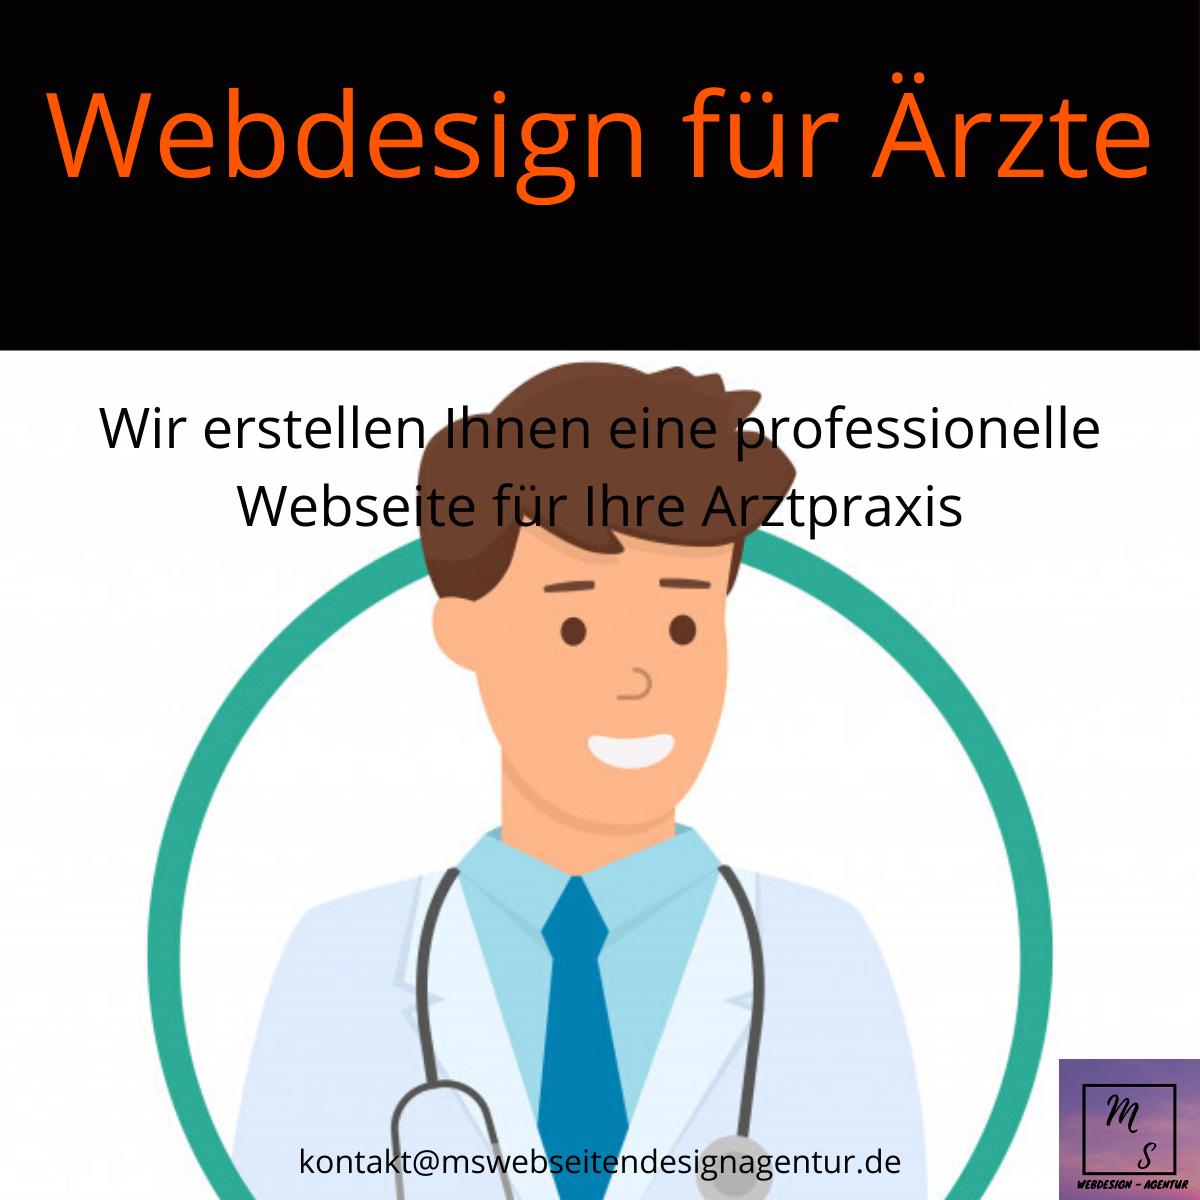 MsWebdesignAgentur Mannheim, Webdesign für Ärzte